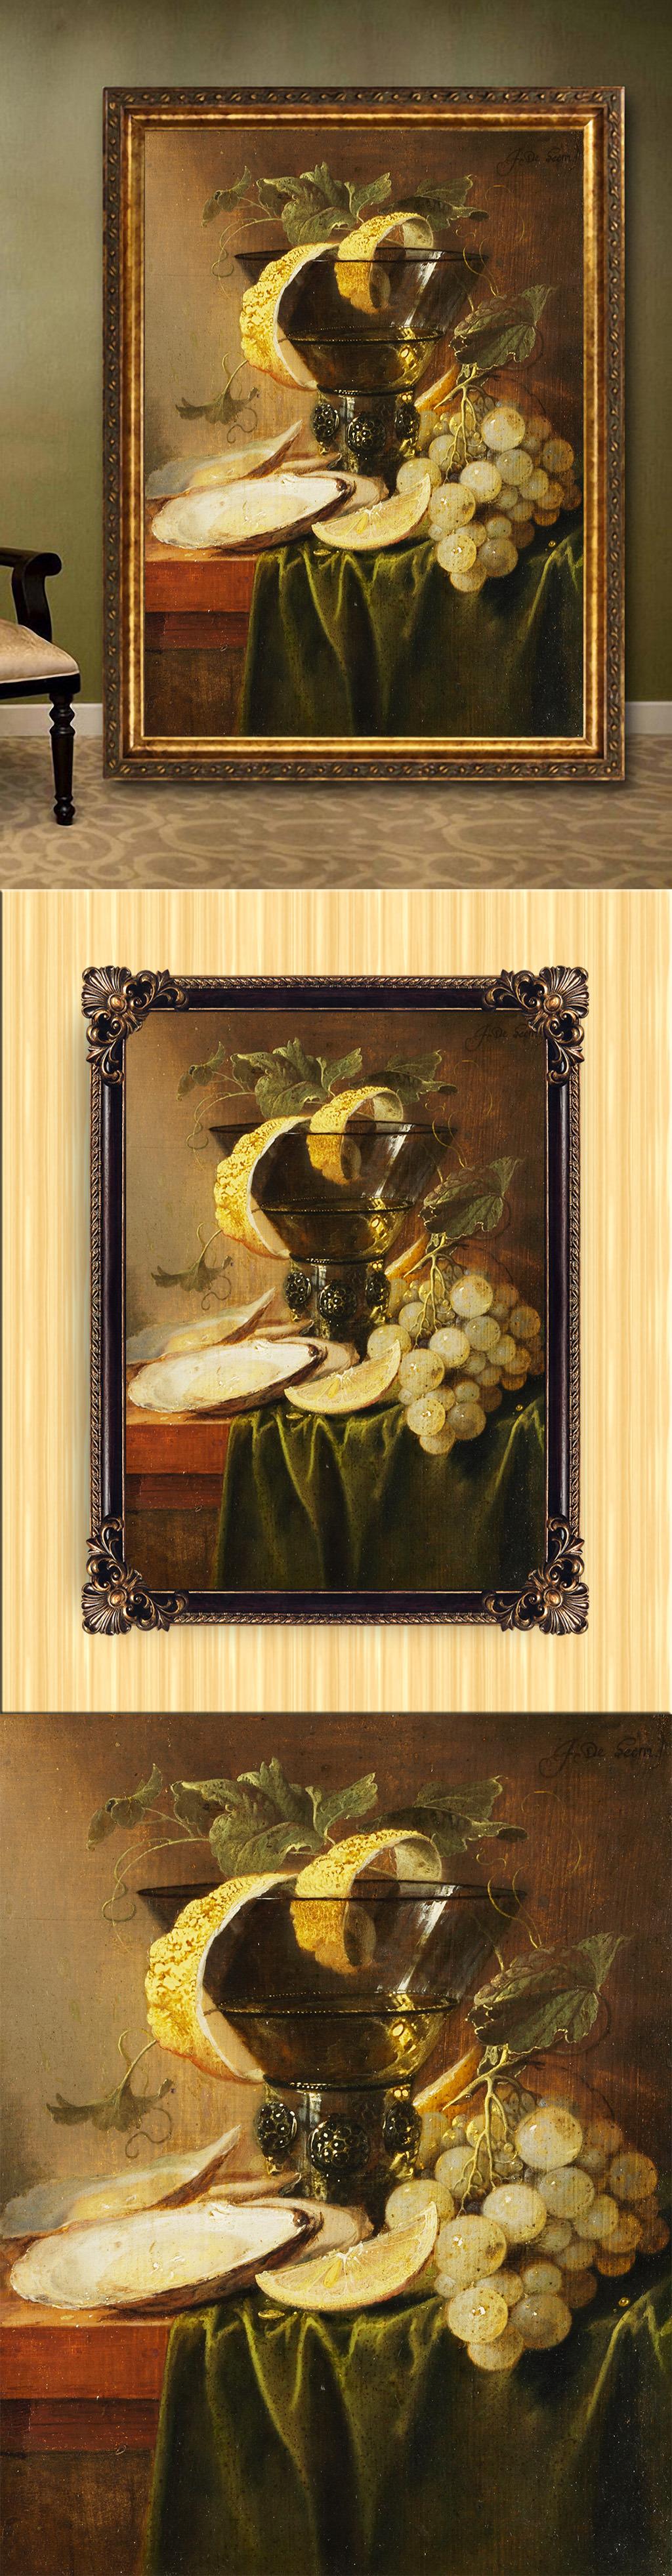 背景墙|装饰画 油画 静物油画 > 手绘古典风格静物水果花瓶油画  下一